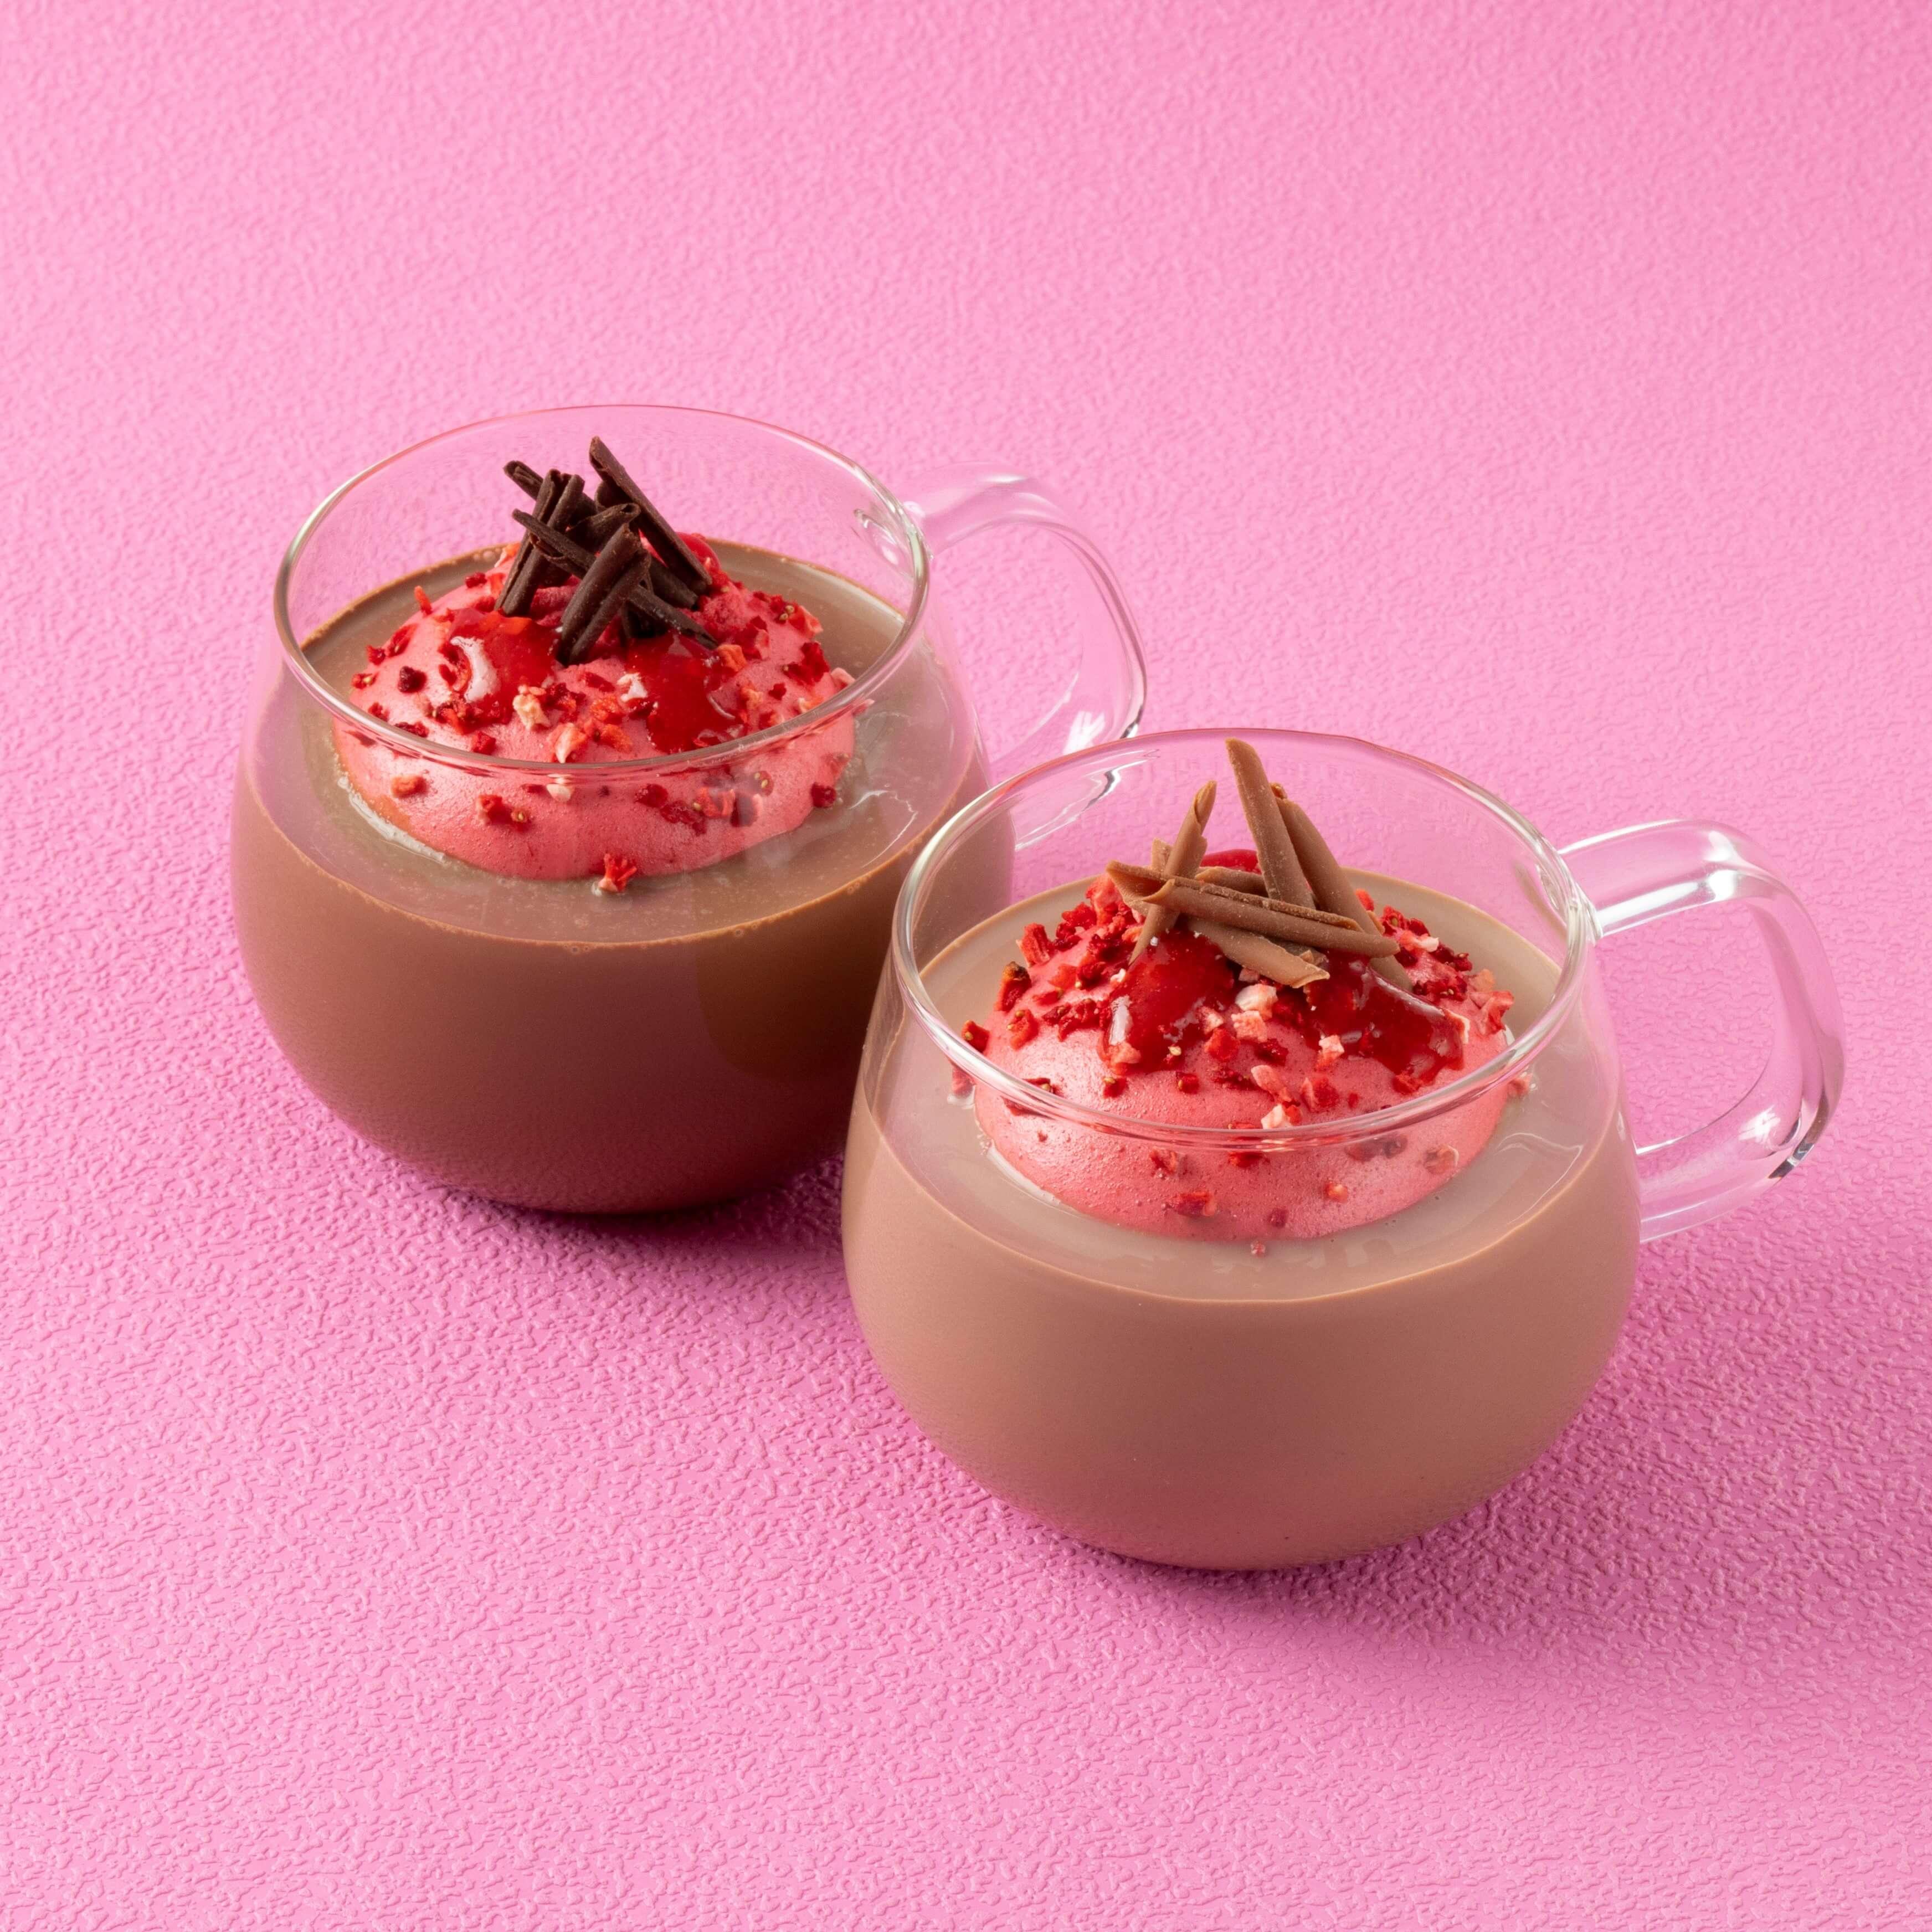 Lindt巧克力咖啡廳 情人節期間限定飲品販售 Lindt_、巧克力、情人節、